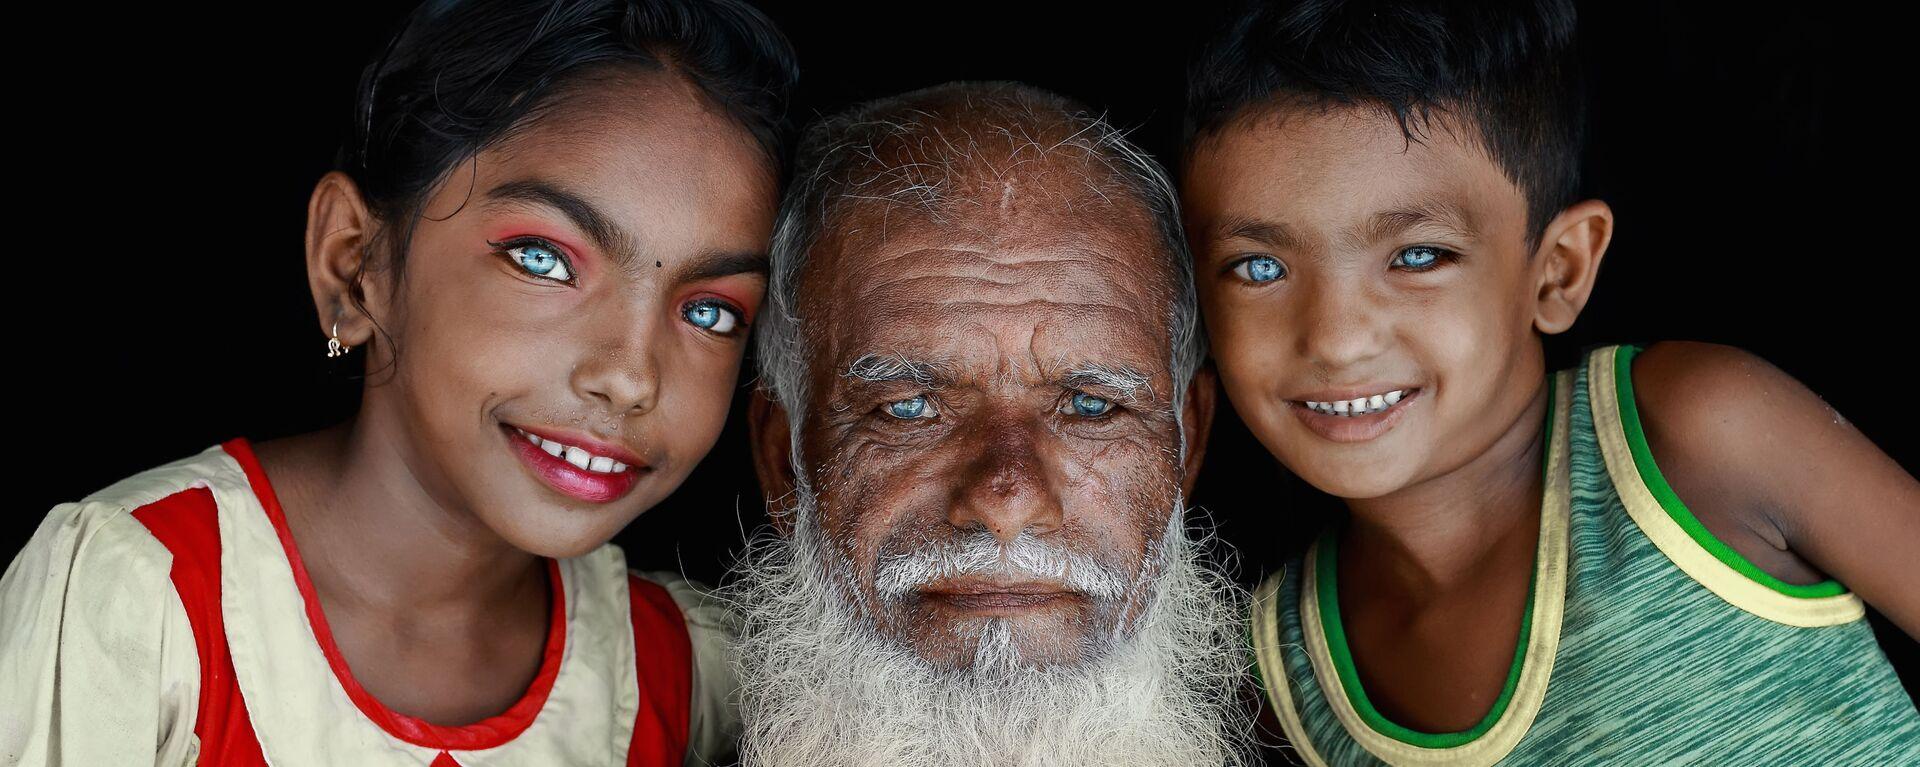 Работа бангладешского фотографа Muhammad Amdad Hossain Прекрасные глаза, вошедшая в шорт-лист конкурса имени Андрея Стенина в категории  Портрет. Герой нашего времени, одиночные фотографии - Sputnik Mundo, 1920, 17.06.2021